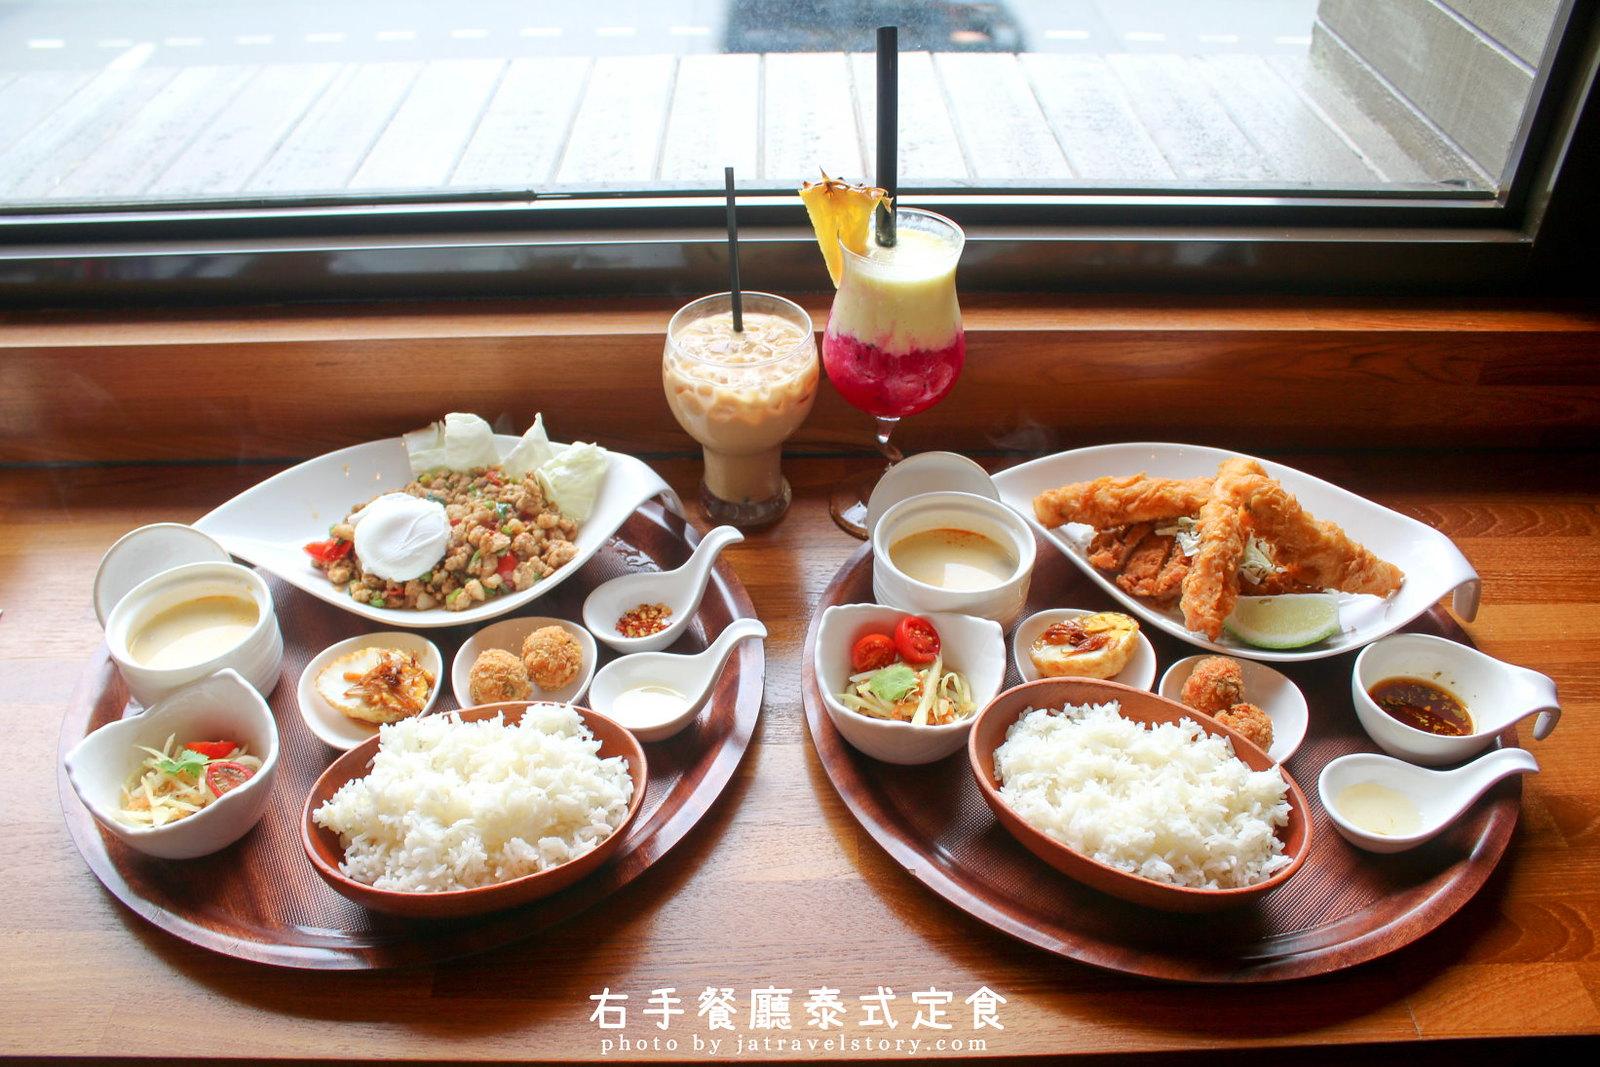 【台北美食推薦】台大公館美食懶人包-公館平價美食小吃、聚餐餐廳通通有 @J&A的旅行